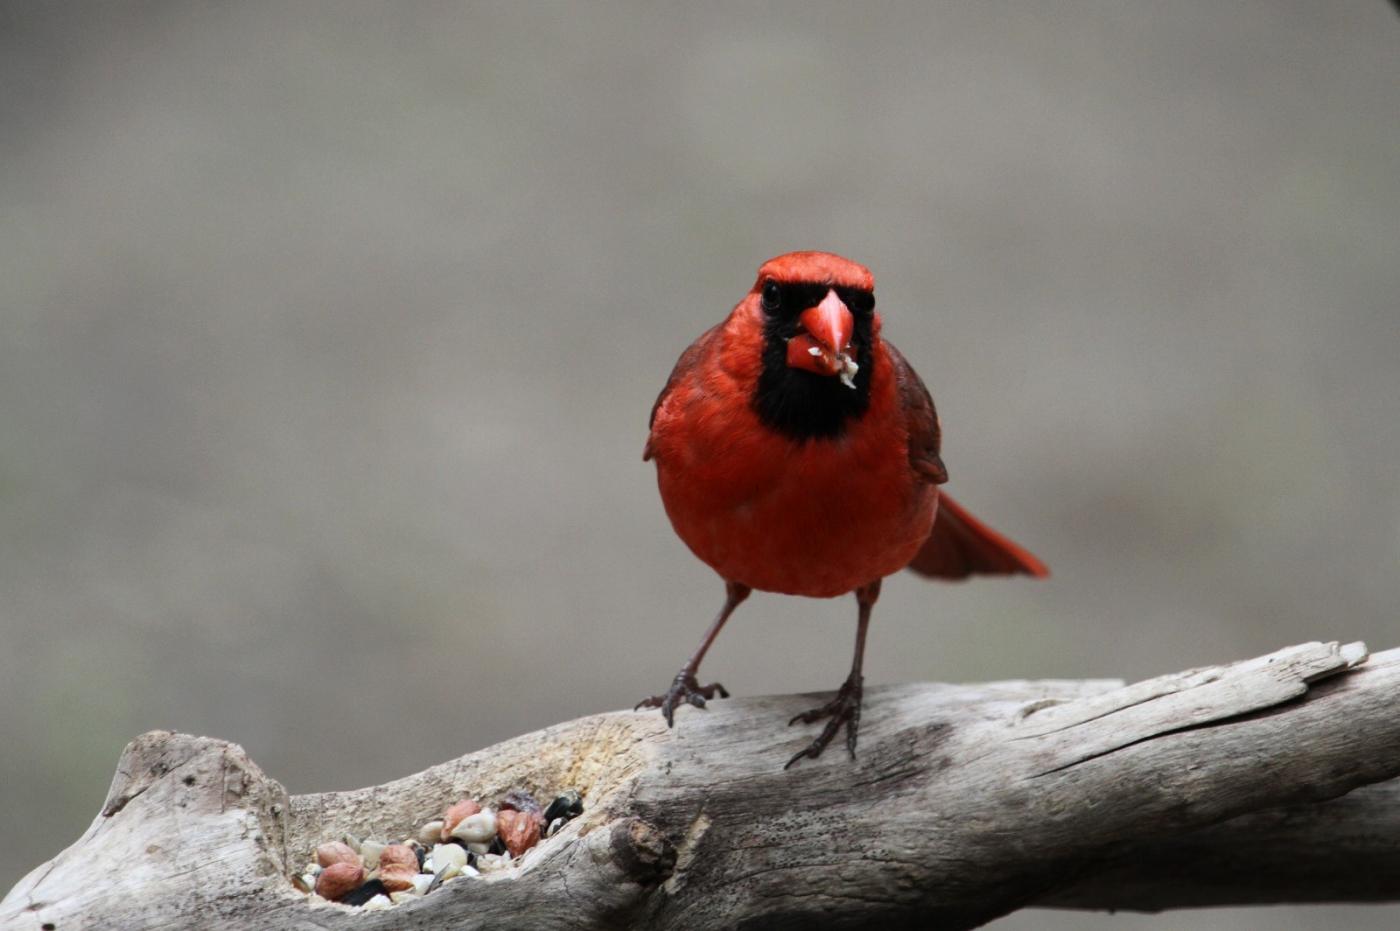 【田螺摄影】有吃的主教鸟还会挑肥拣瘦_图1-11